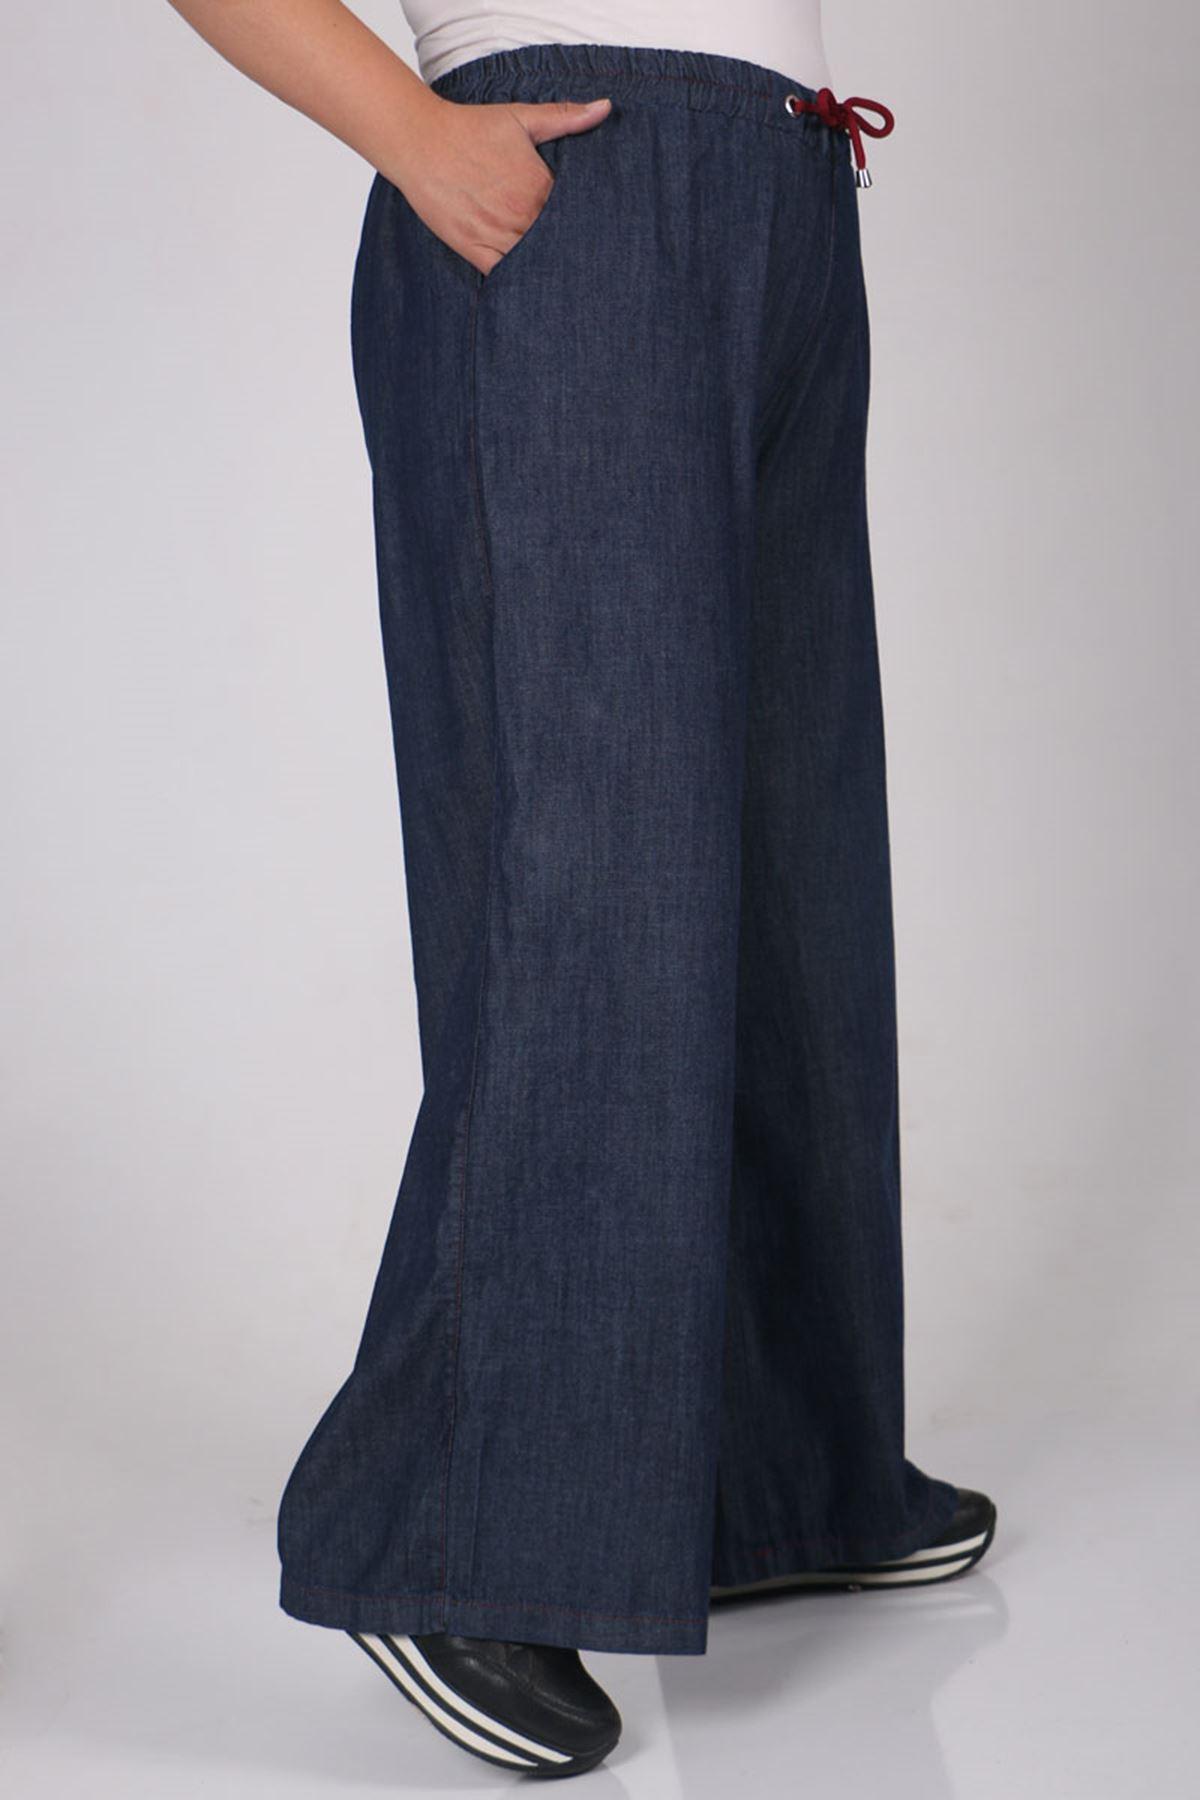 9159 بنطلون جينز واسع الساق و مقاس كبير - أحمر كلاريت - كحلي